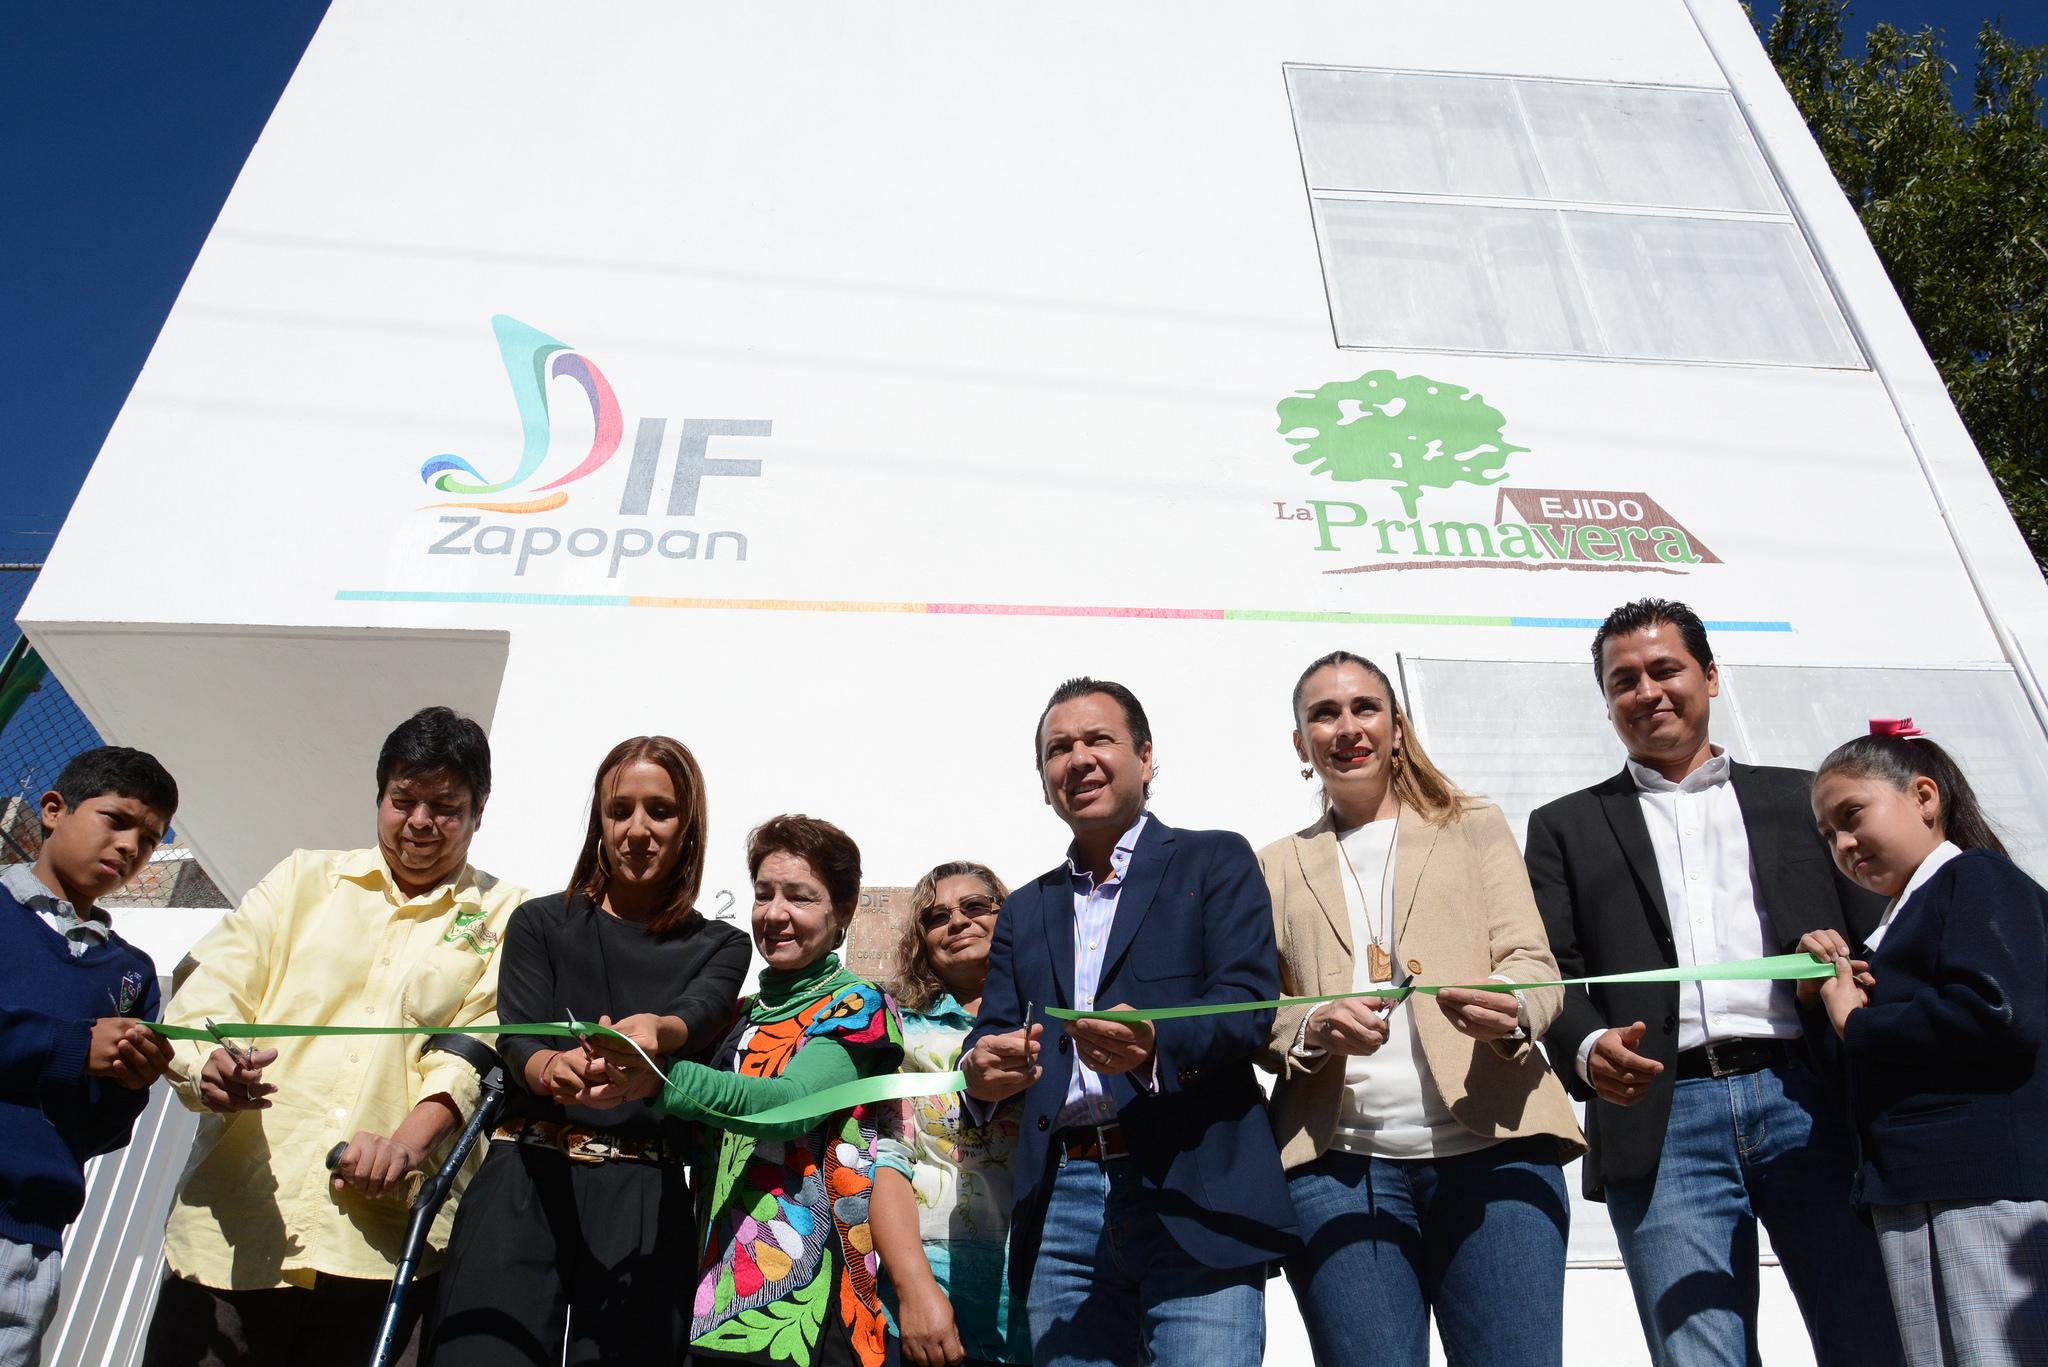 DIF Zapopan reinaugura el Centro de Desarrollo Comunitario La Primavera, tras 11 años de abandono